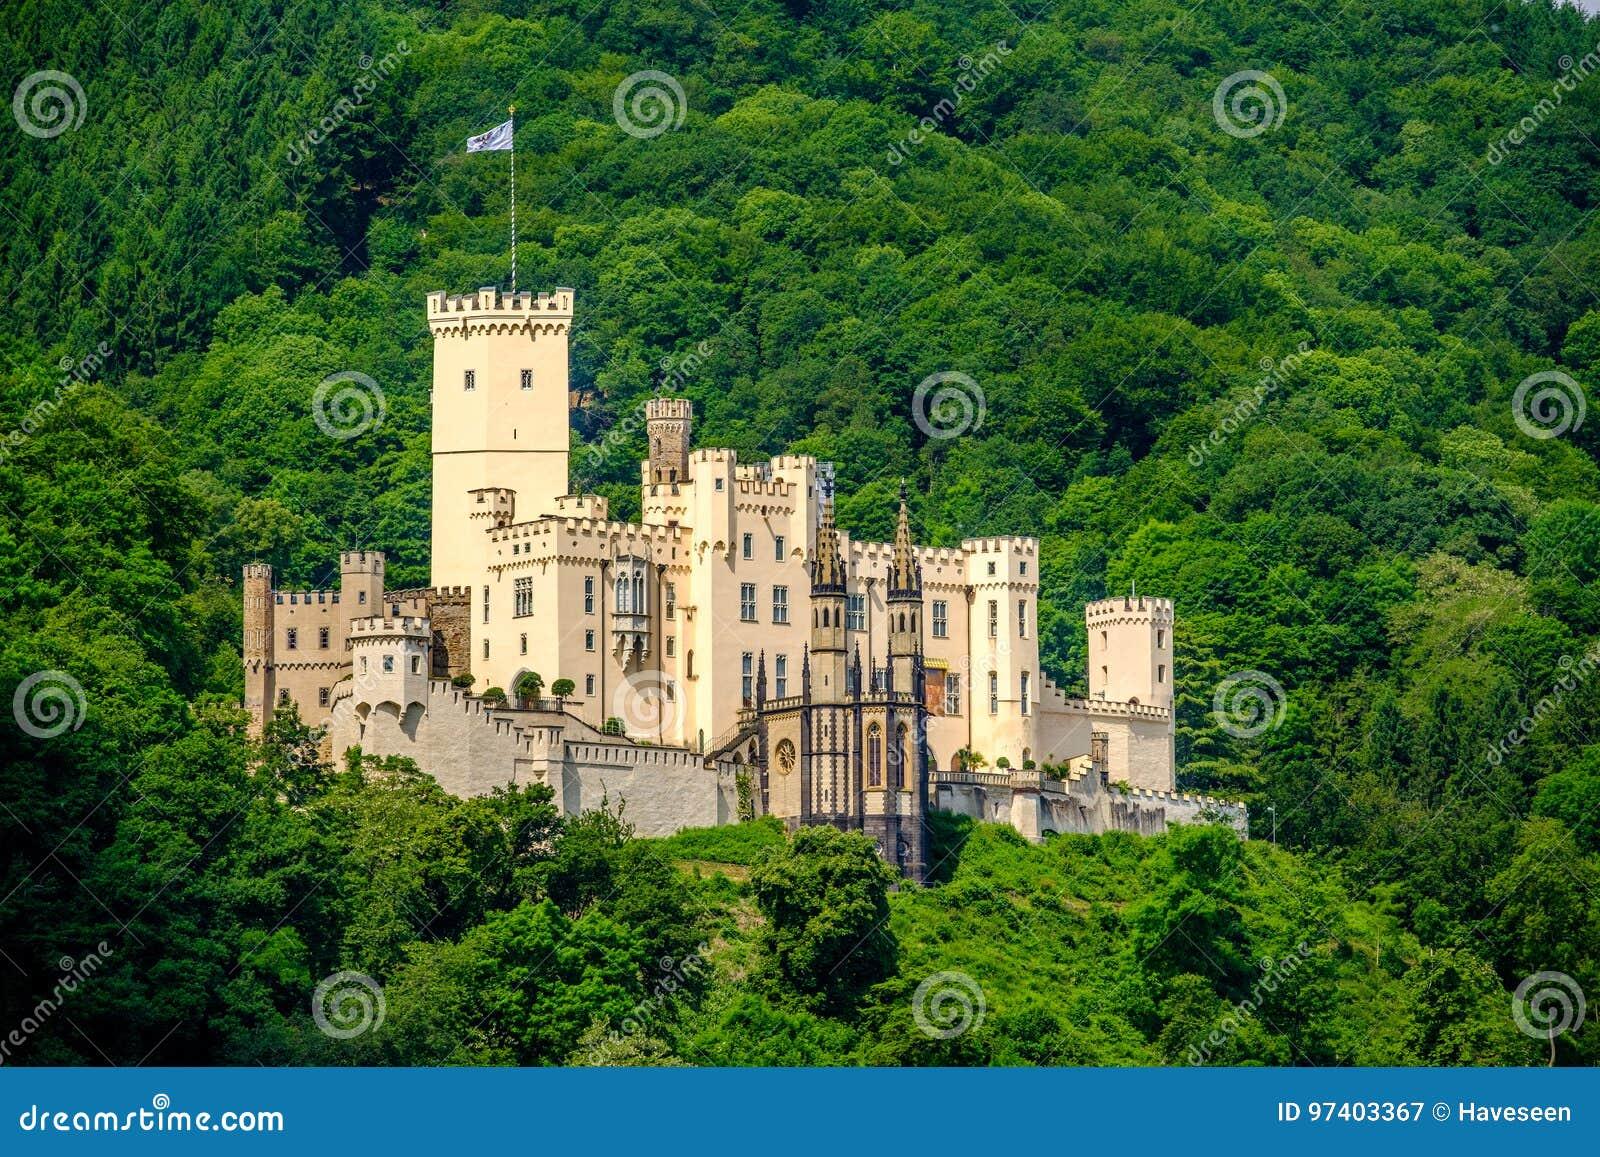 Castillo de Stolzenfels en el valle del Rin cerca de Coblenza, Alemania